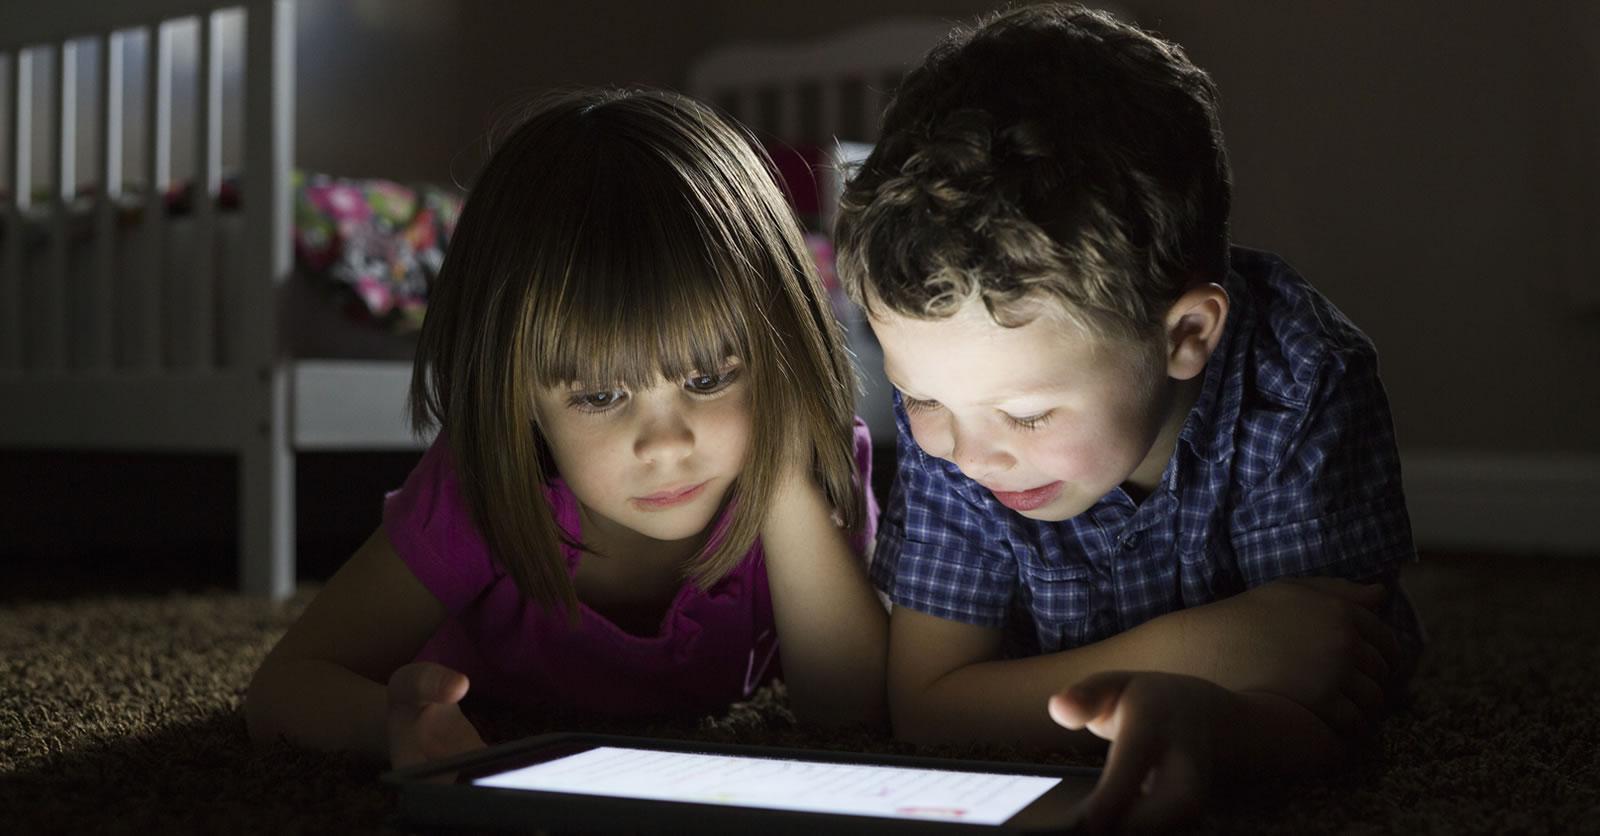 Fenómeno Momo: A Internet É Uma Selva